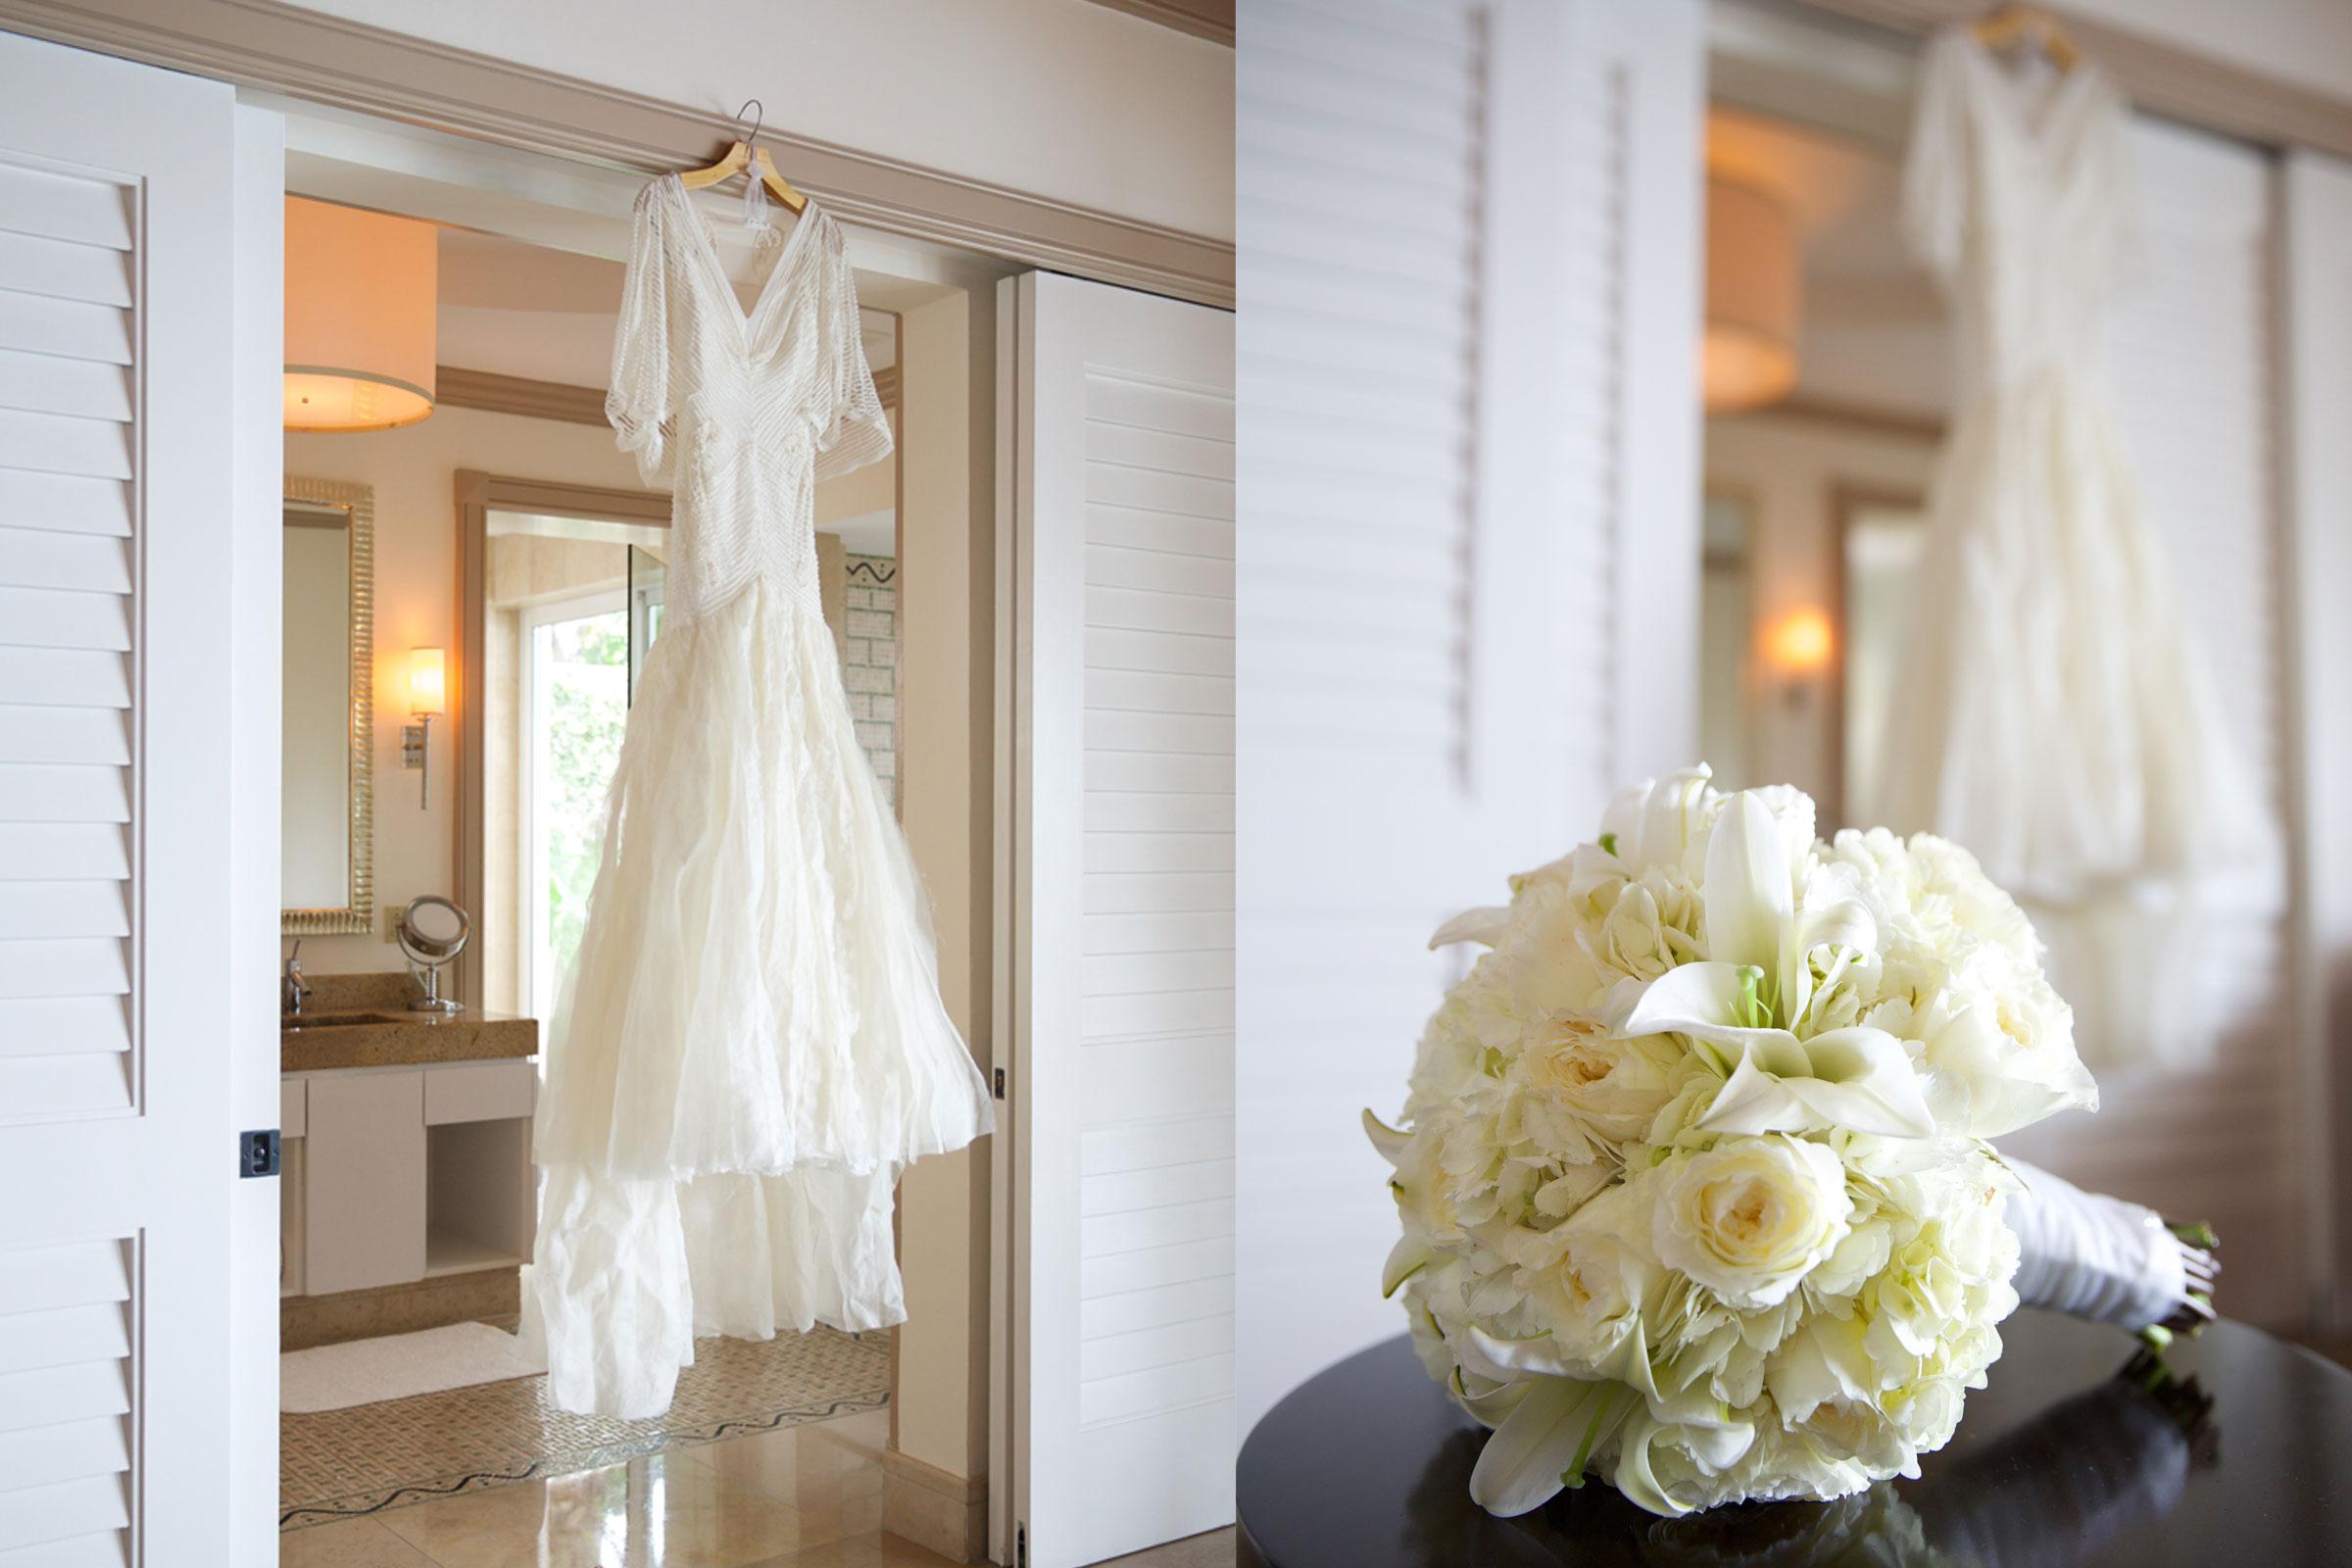 dress-and-bouquet.jpg